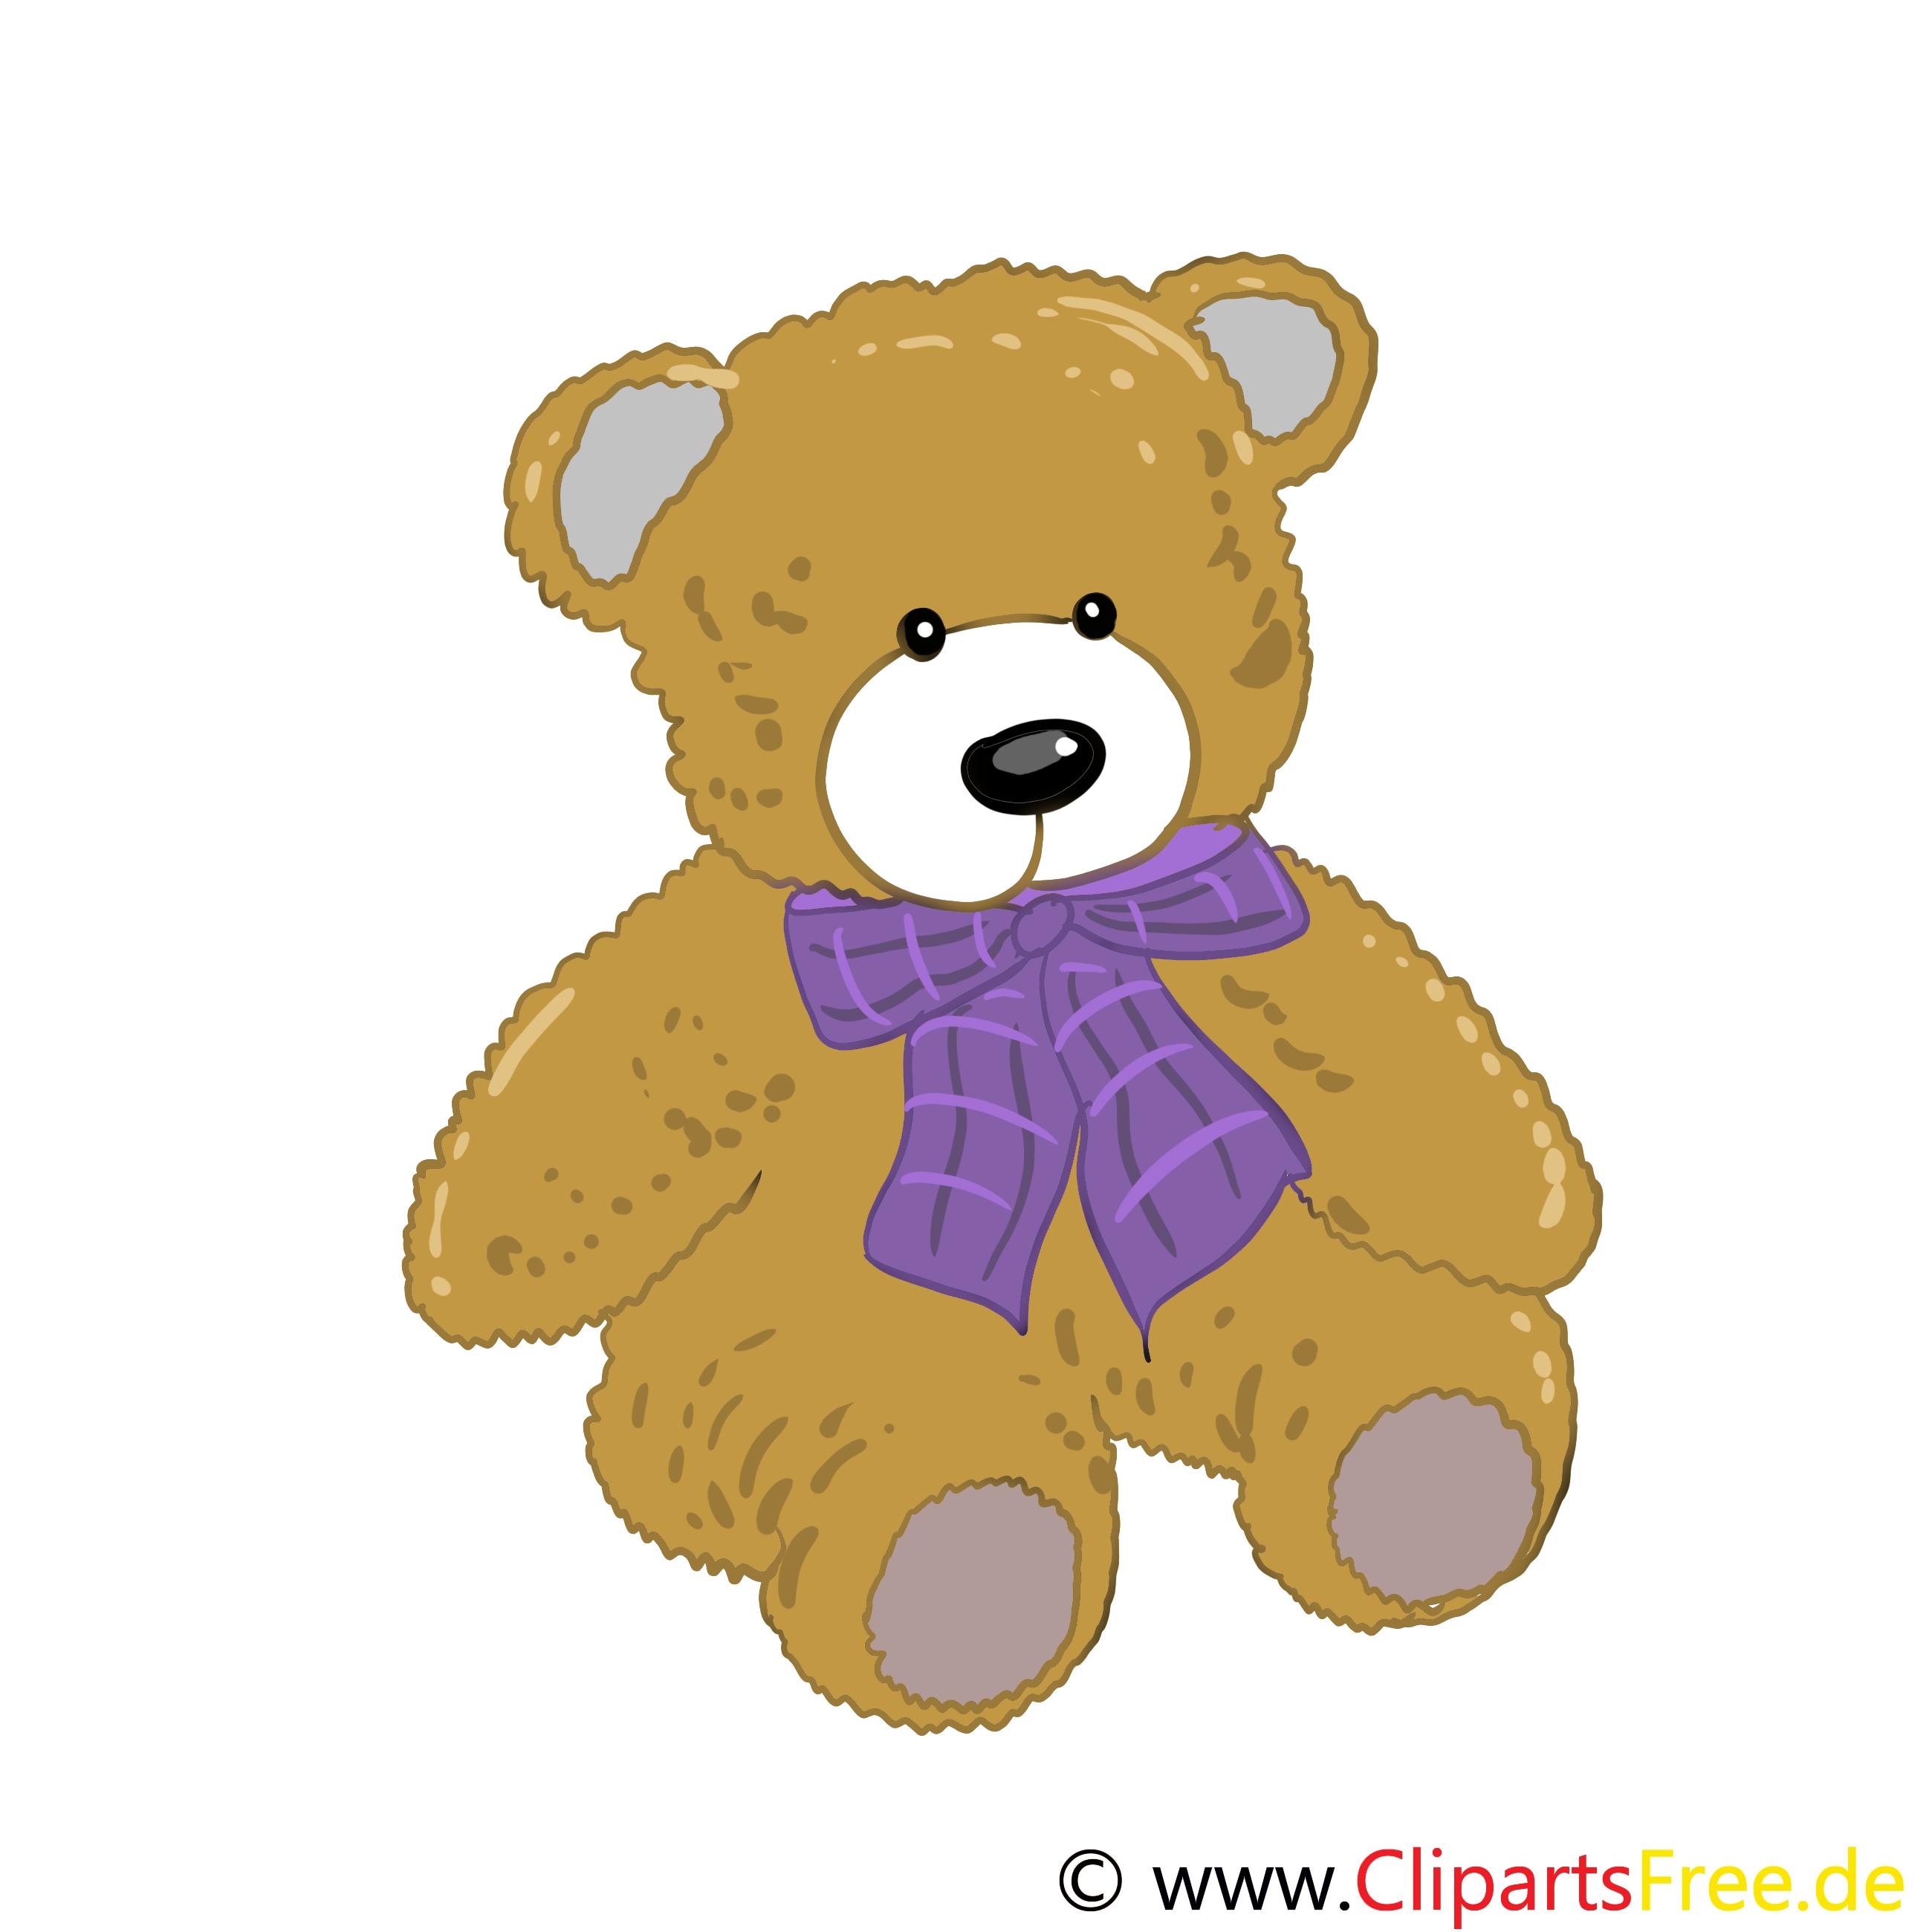 Ours en peluche dessins - Maternelle clipart gratuit